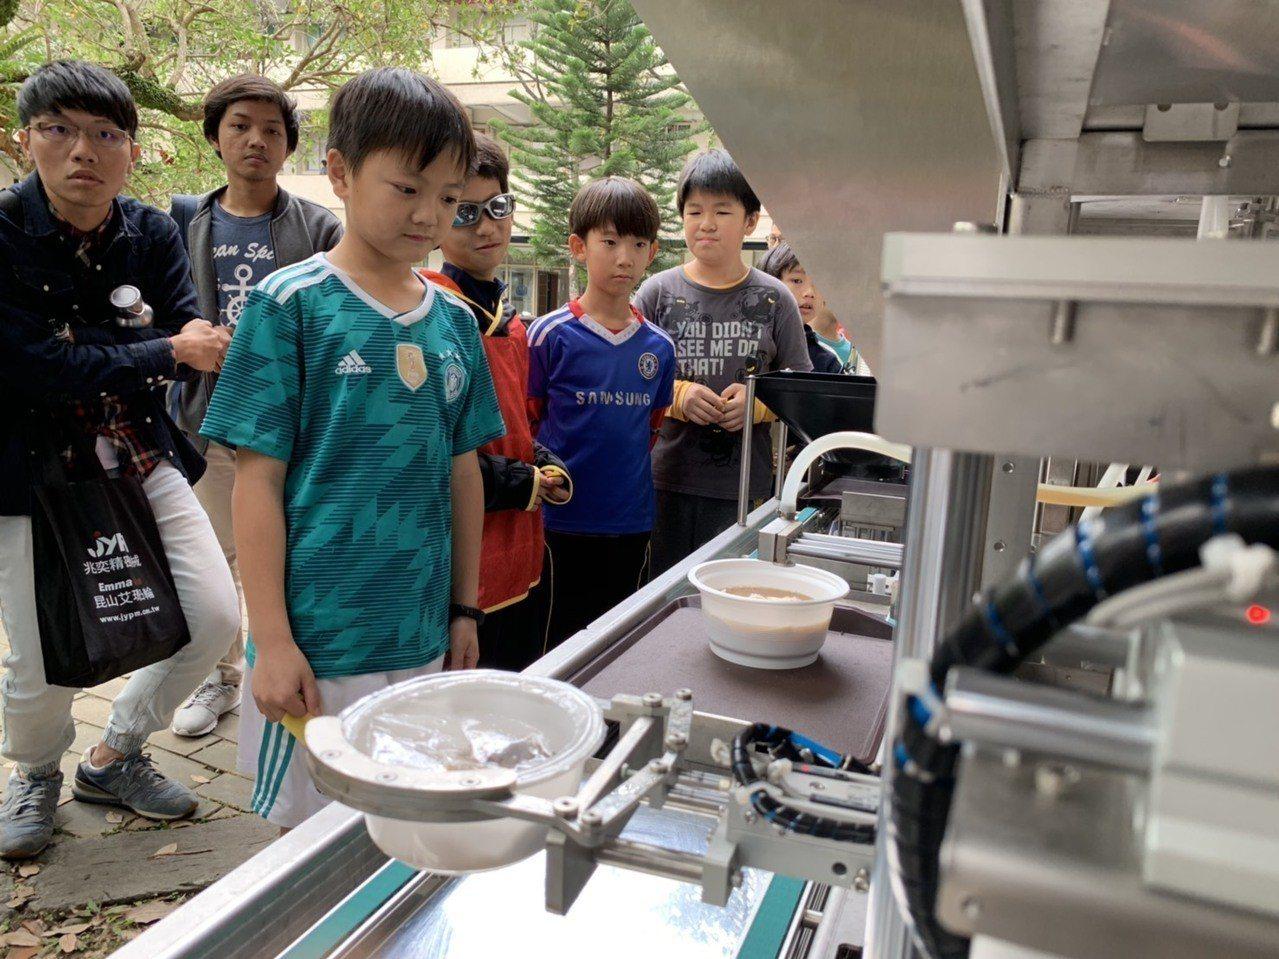 台科大研發團隊邀請公館國小學童一起體驗機器人煮麵,近距離觀摩先進的自動化烹飪技術...